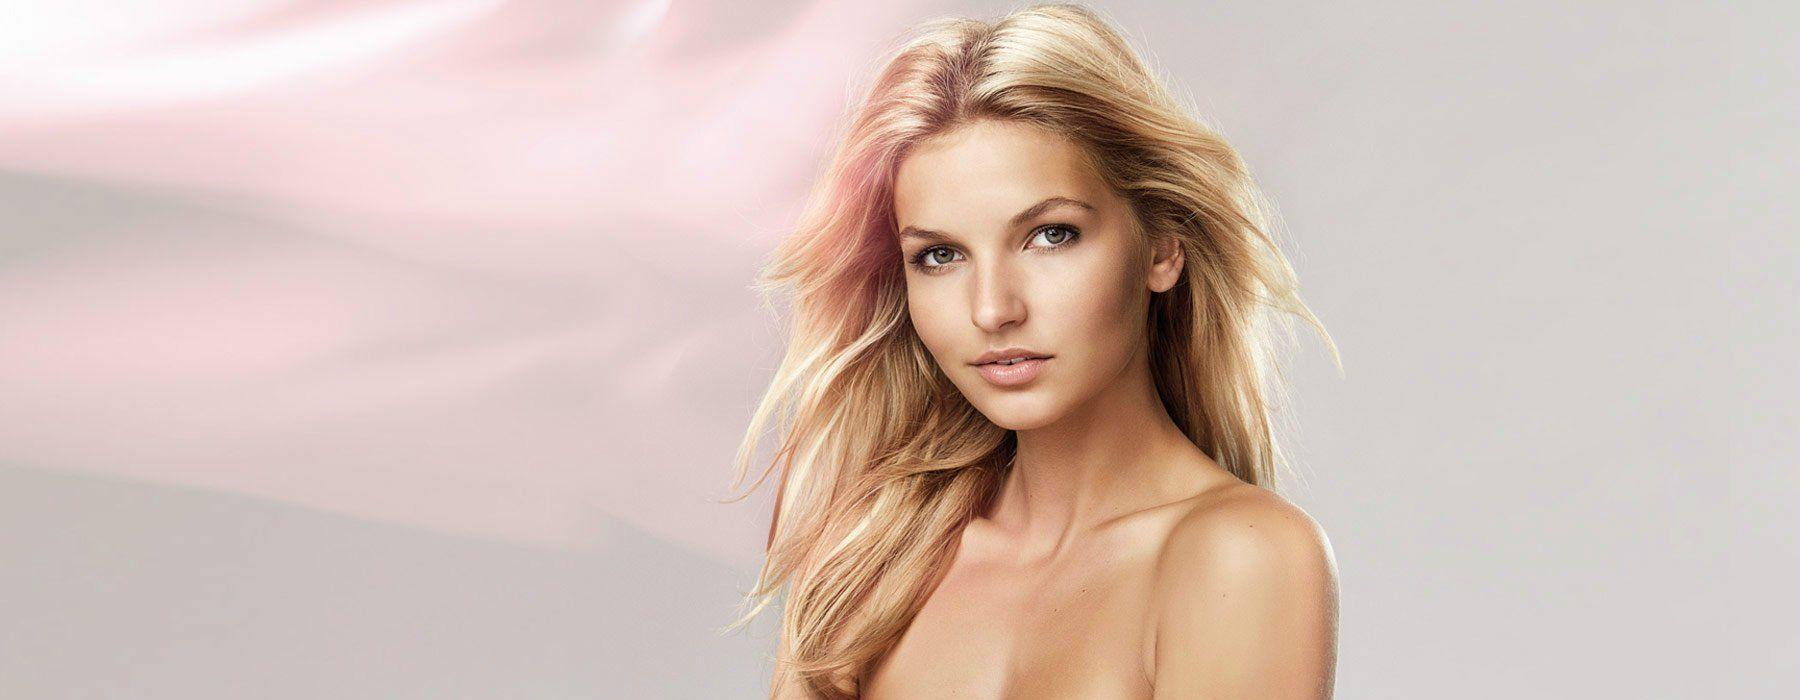 beautytan_slider_01-beauty